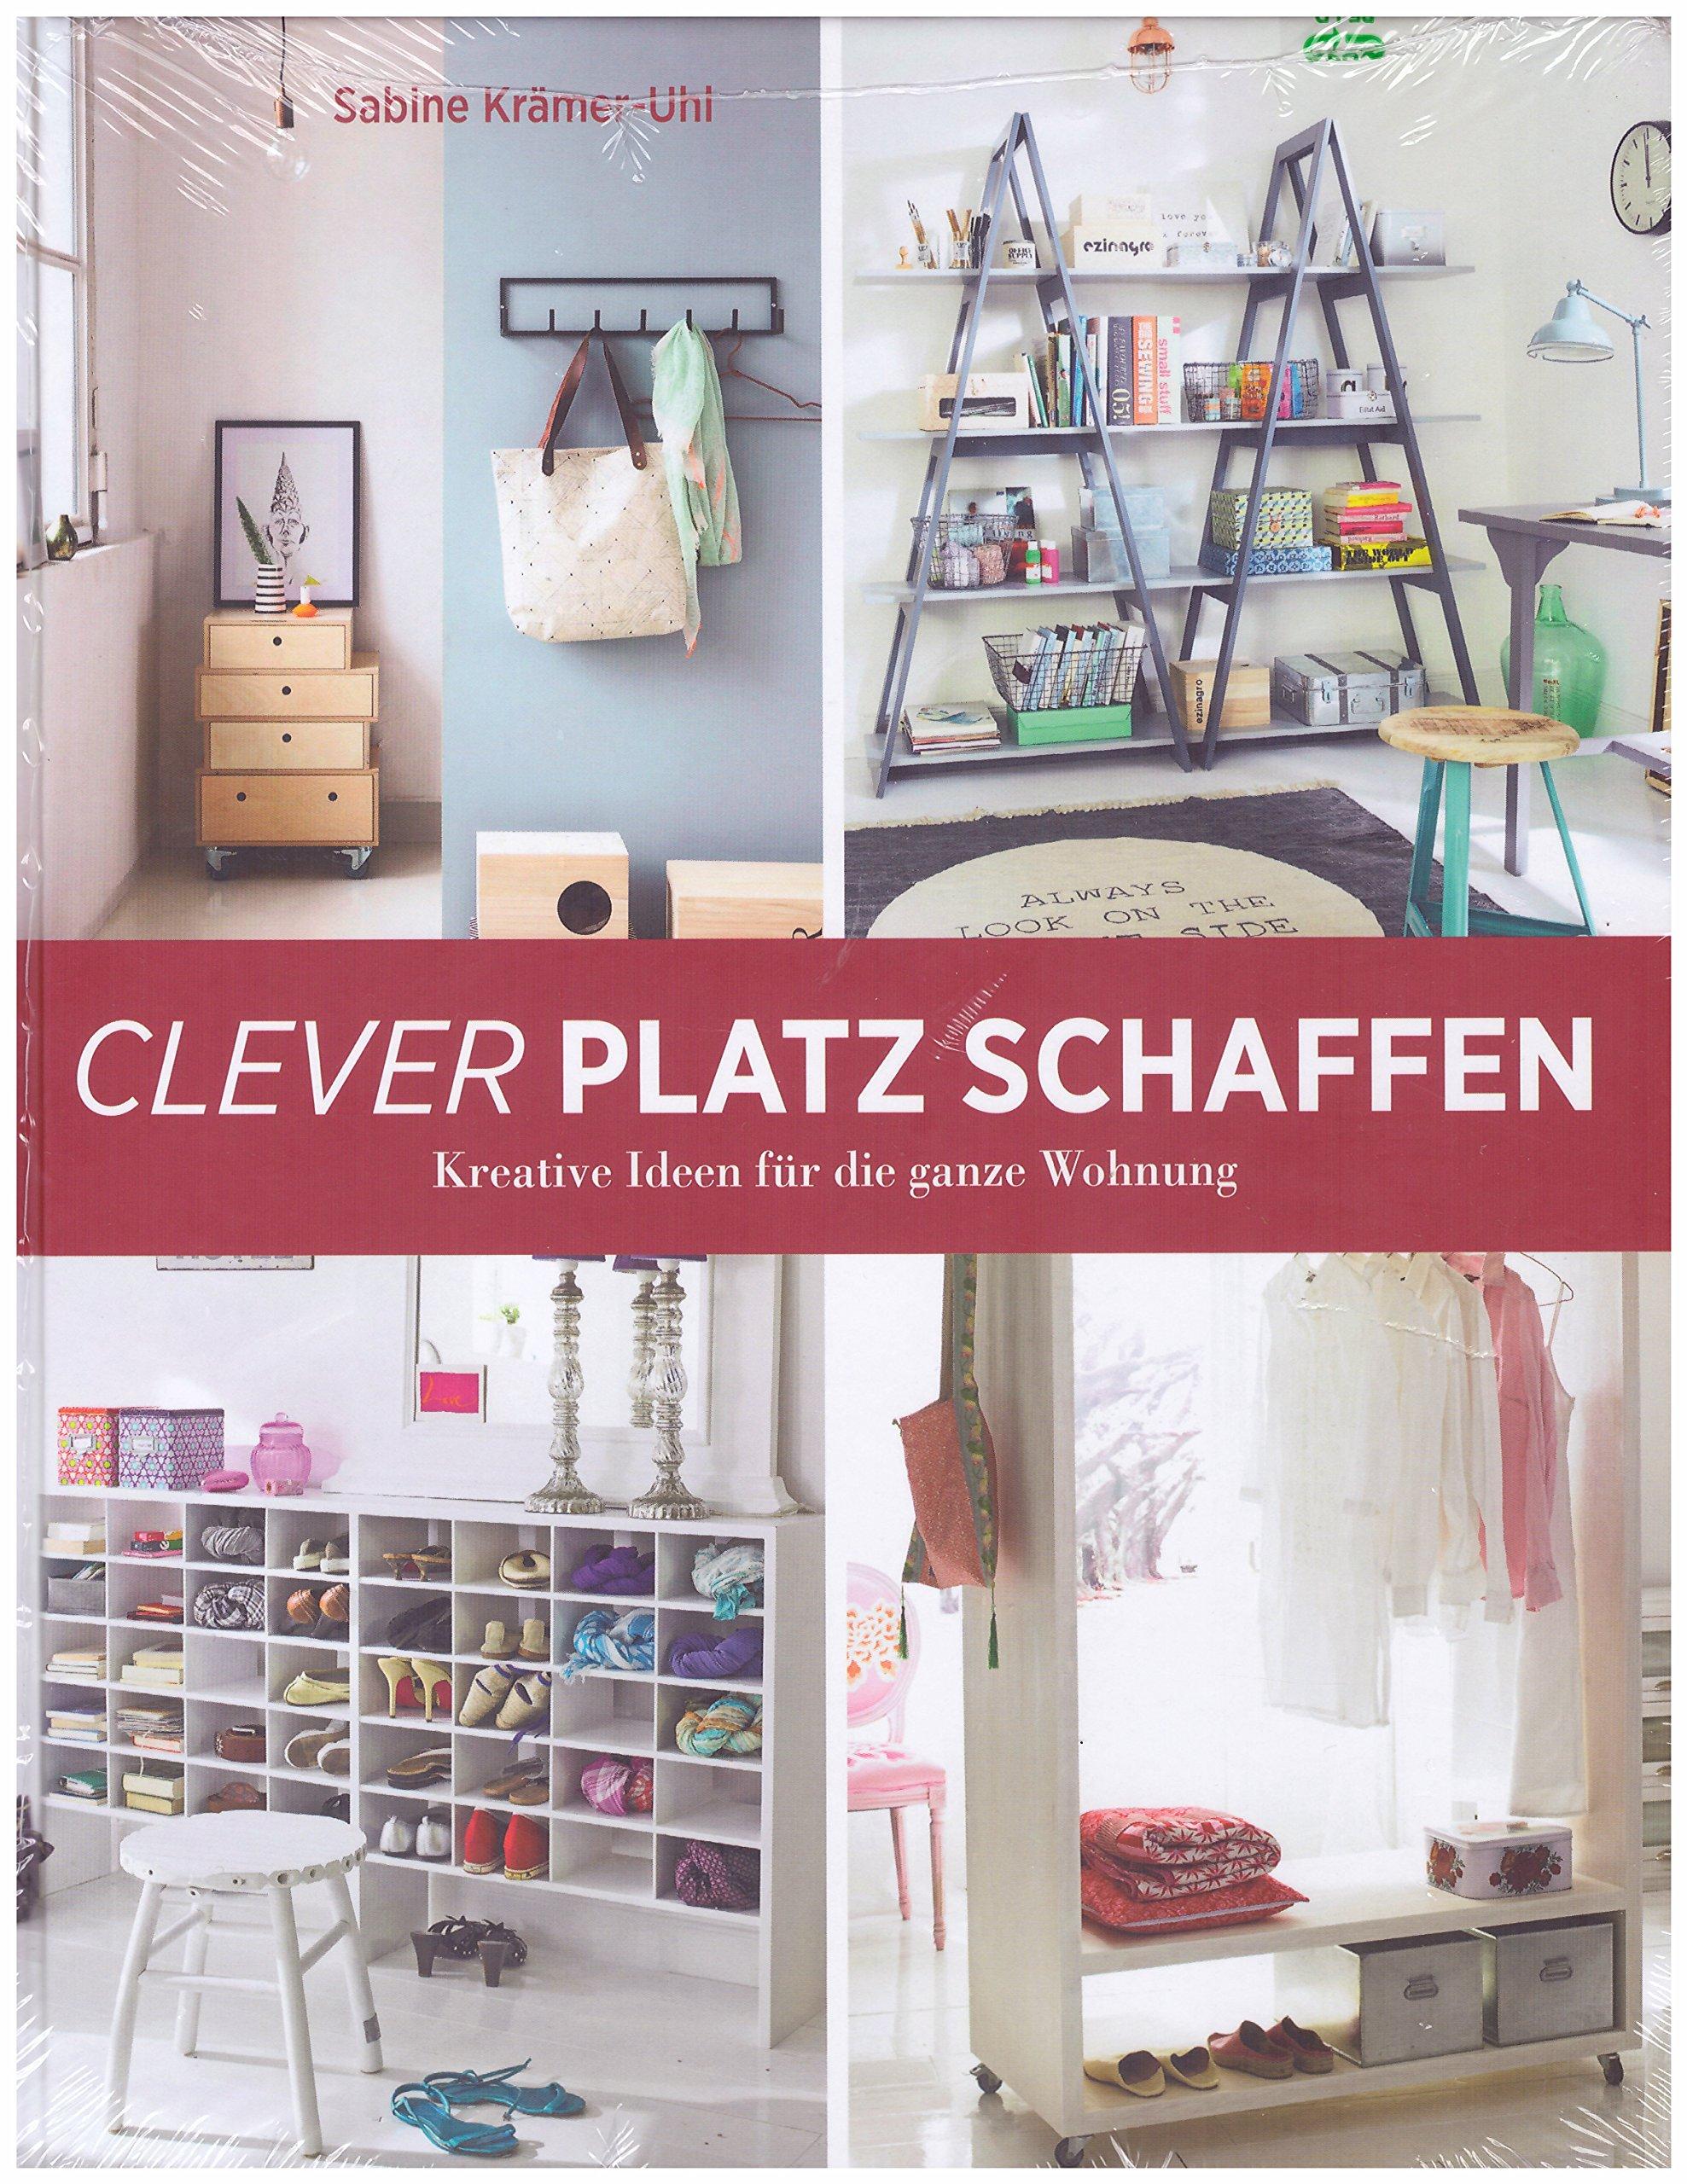 Clever Platz schaffen - Kreative Ideen für die ganze Wohnung: Amazon ...